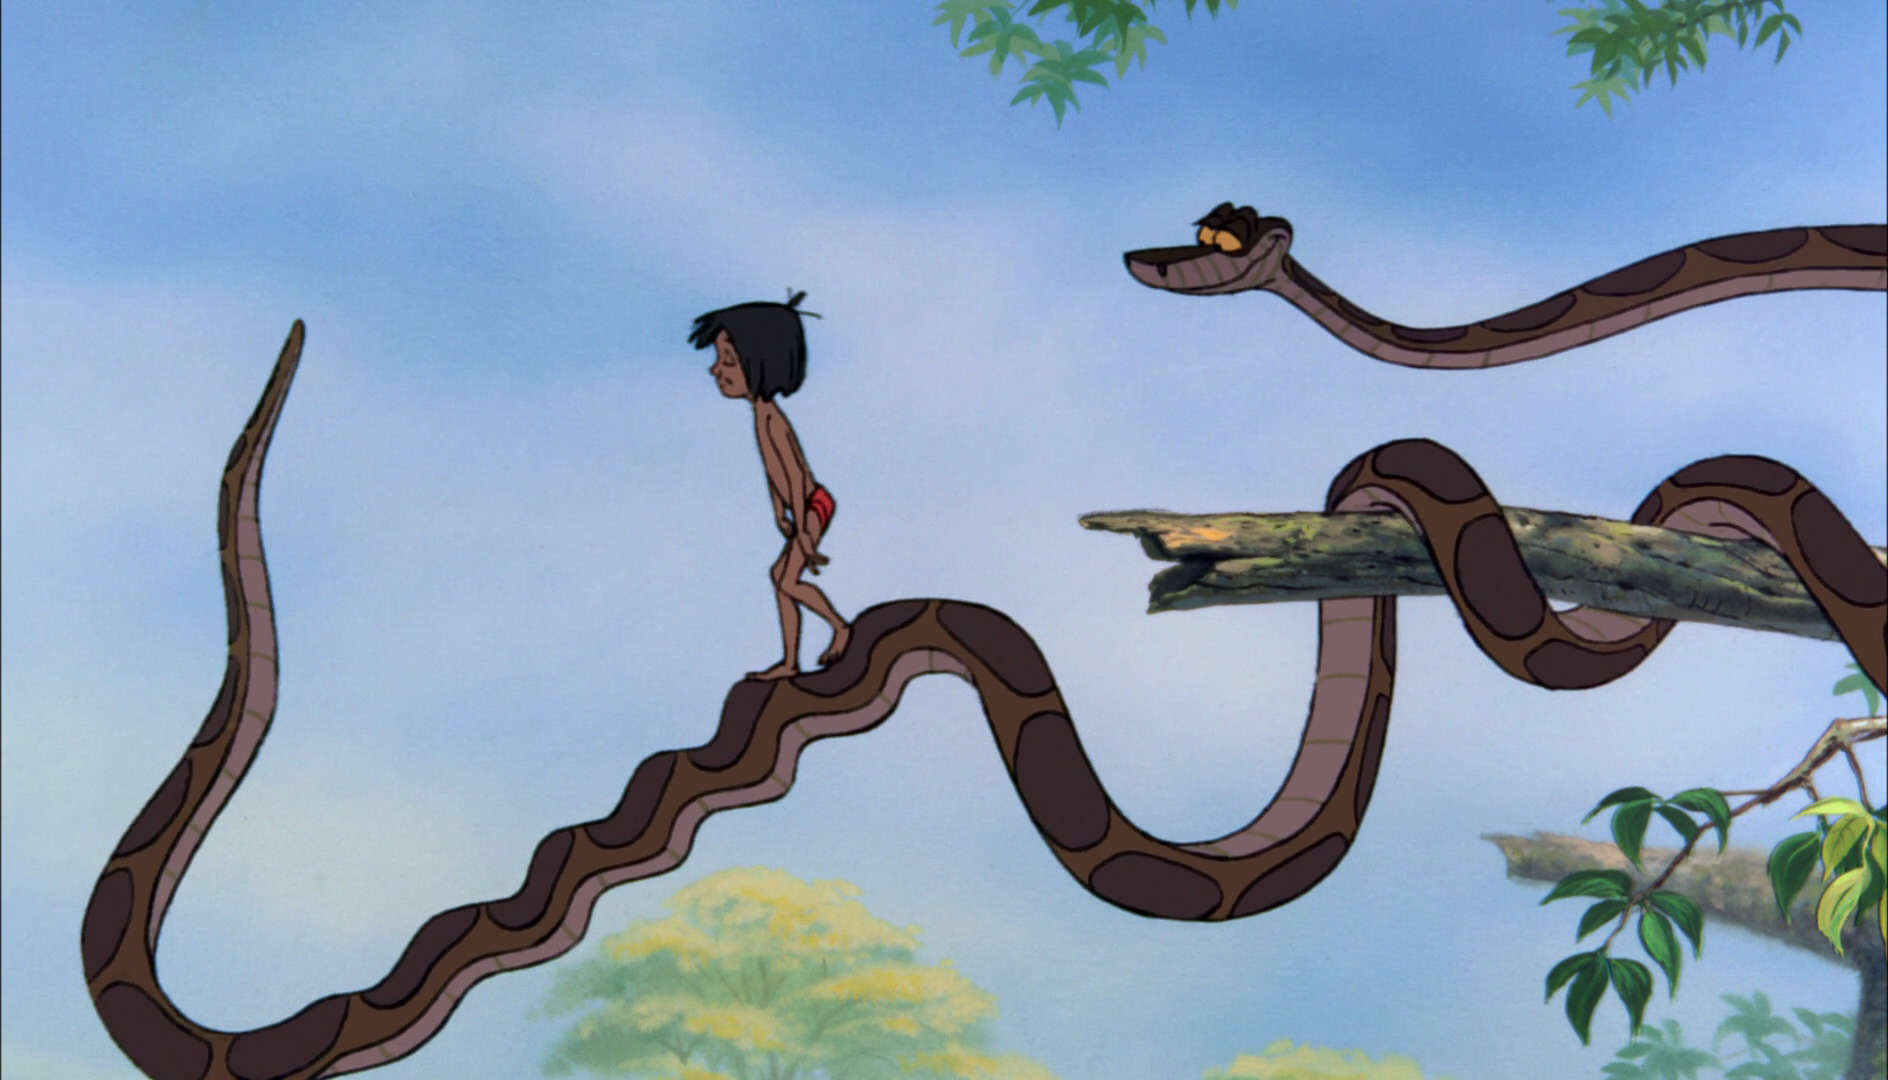 Mowgli The Jungle Book Song